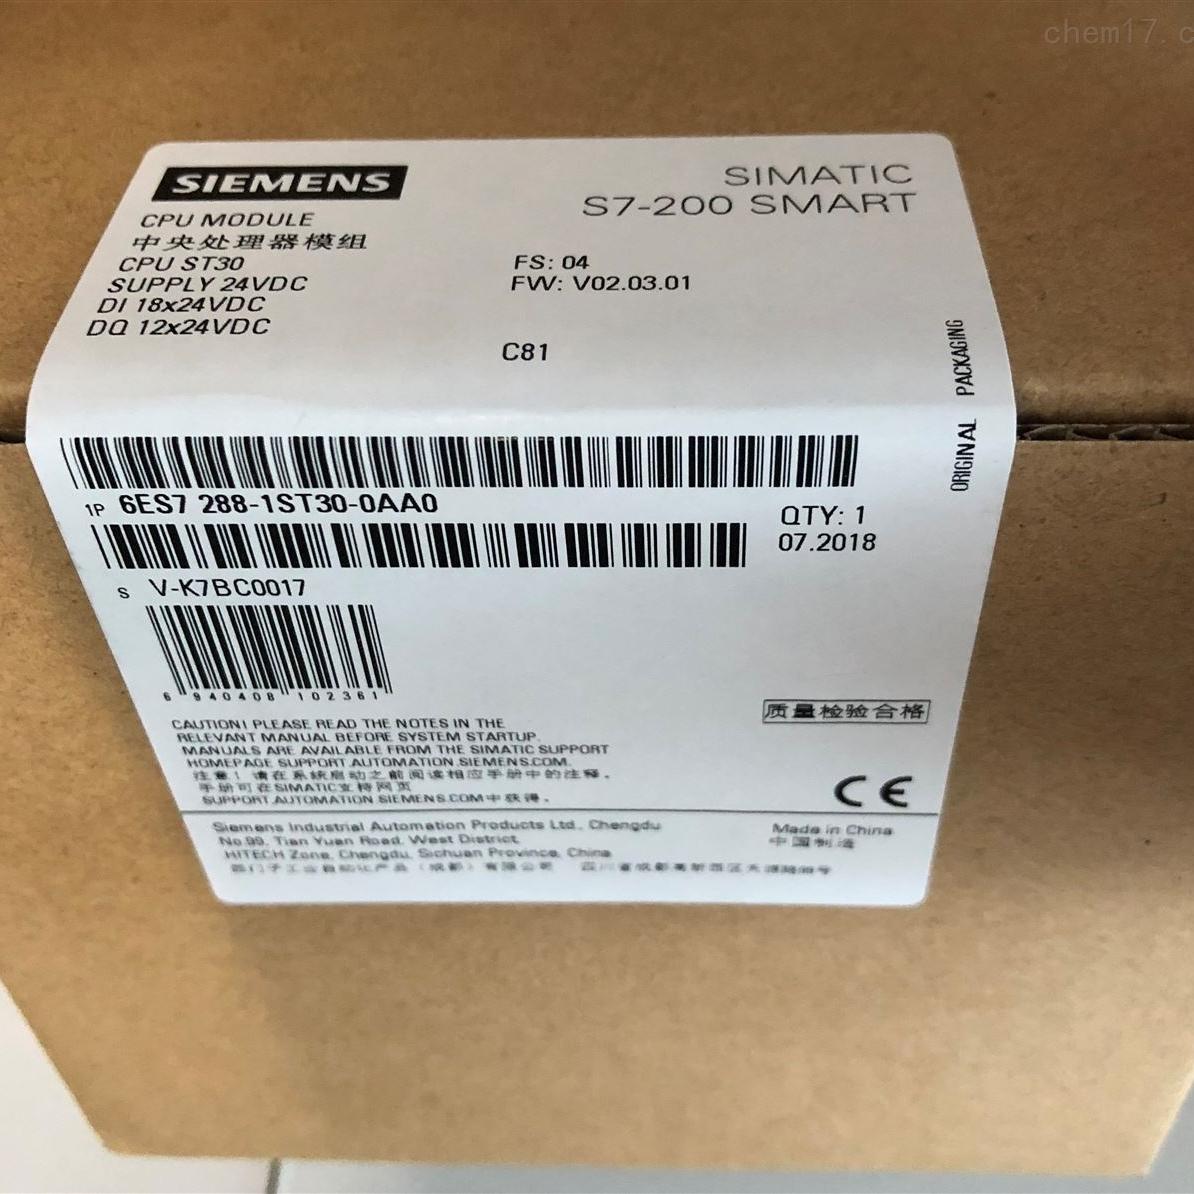 重庆西门子S7-200 SMART模块代理商